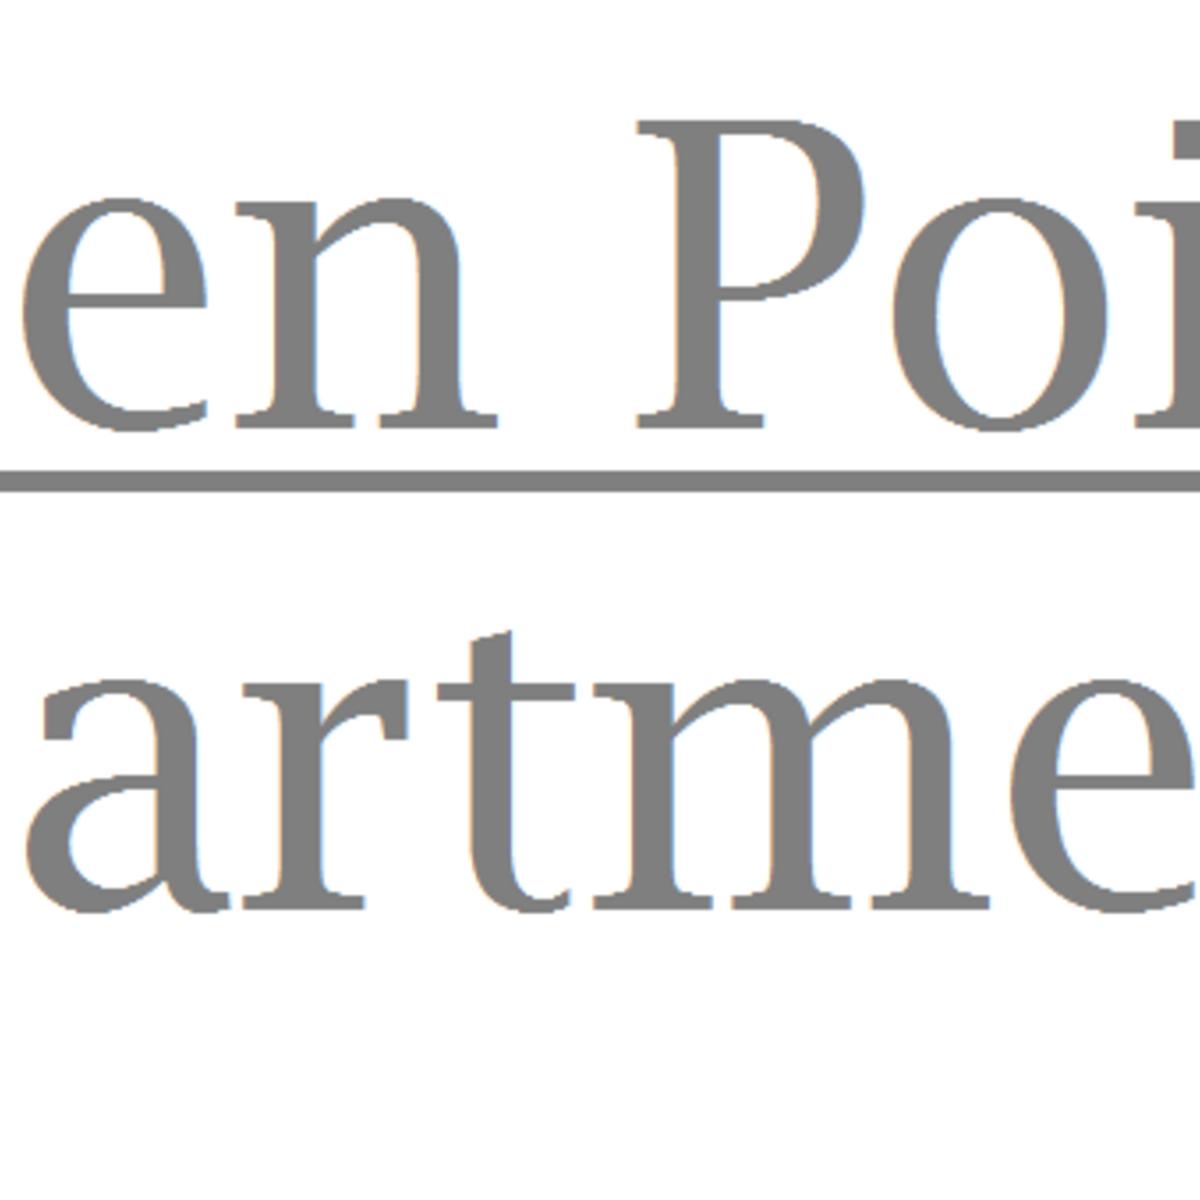 Allen Park Apartments: Apartments For Rent In Allen Park, MI